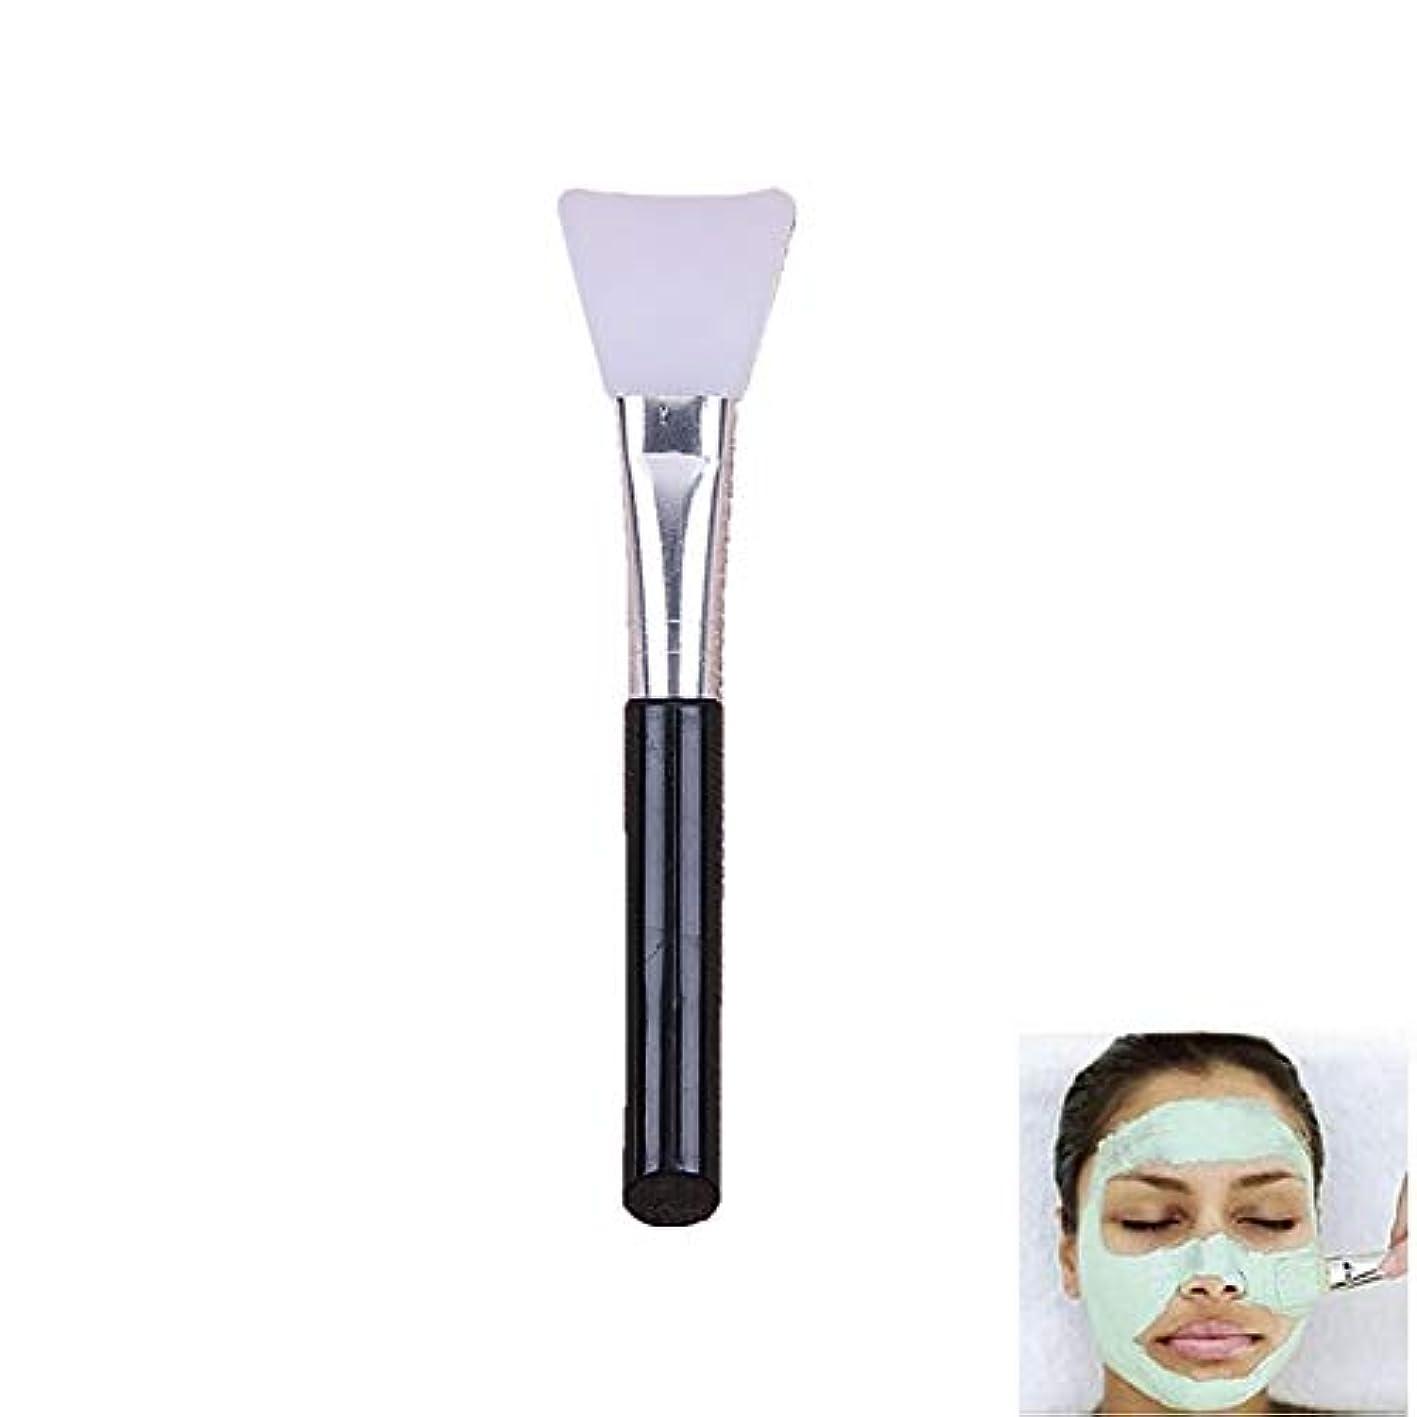 好色なキノココミュニケーションシリコーン被覆ブラシDIYマスク泥マスク本体クリーム及びボディローションアプリケータツールは、ブラシのブラシ(黒ハンドル)混合泥マスクを起毛